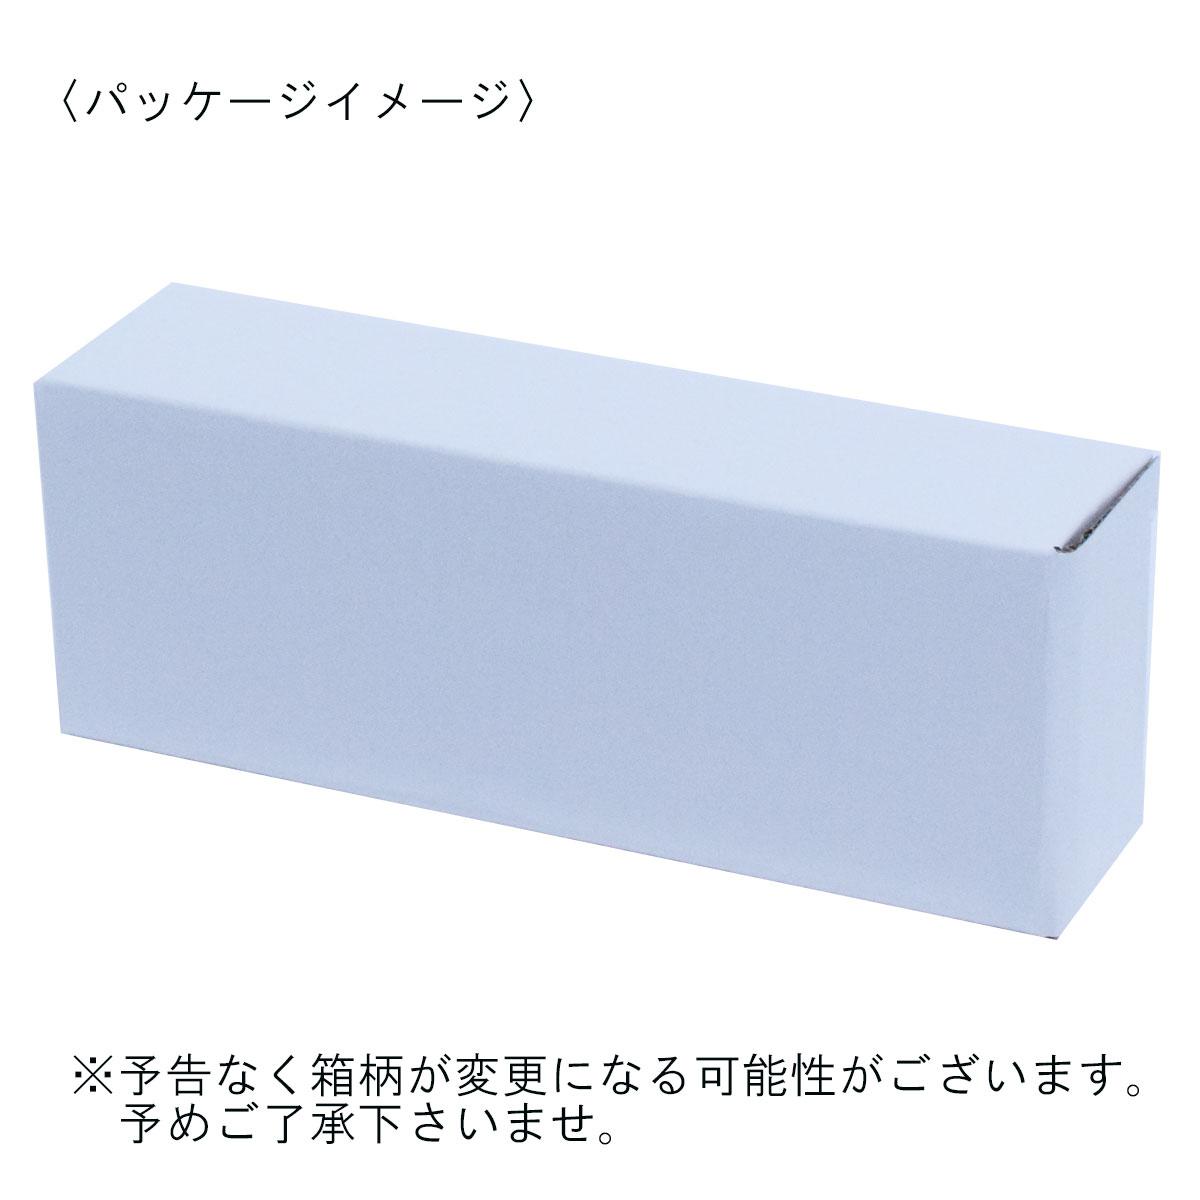 【数量限定特価】ワイドFMラジオ付ダイナモライト